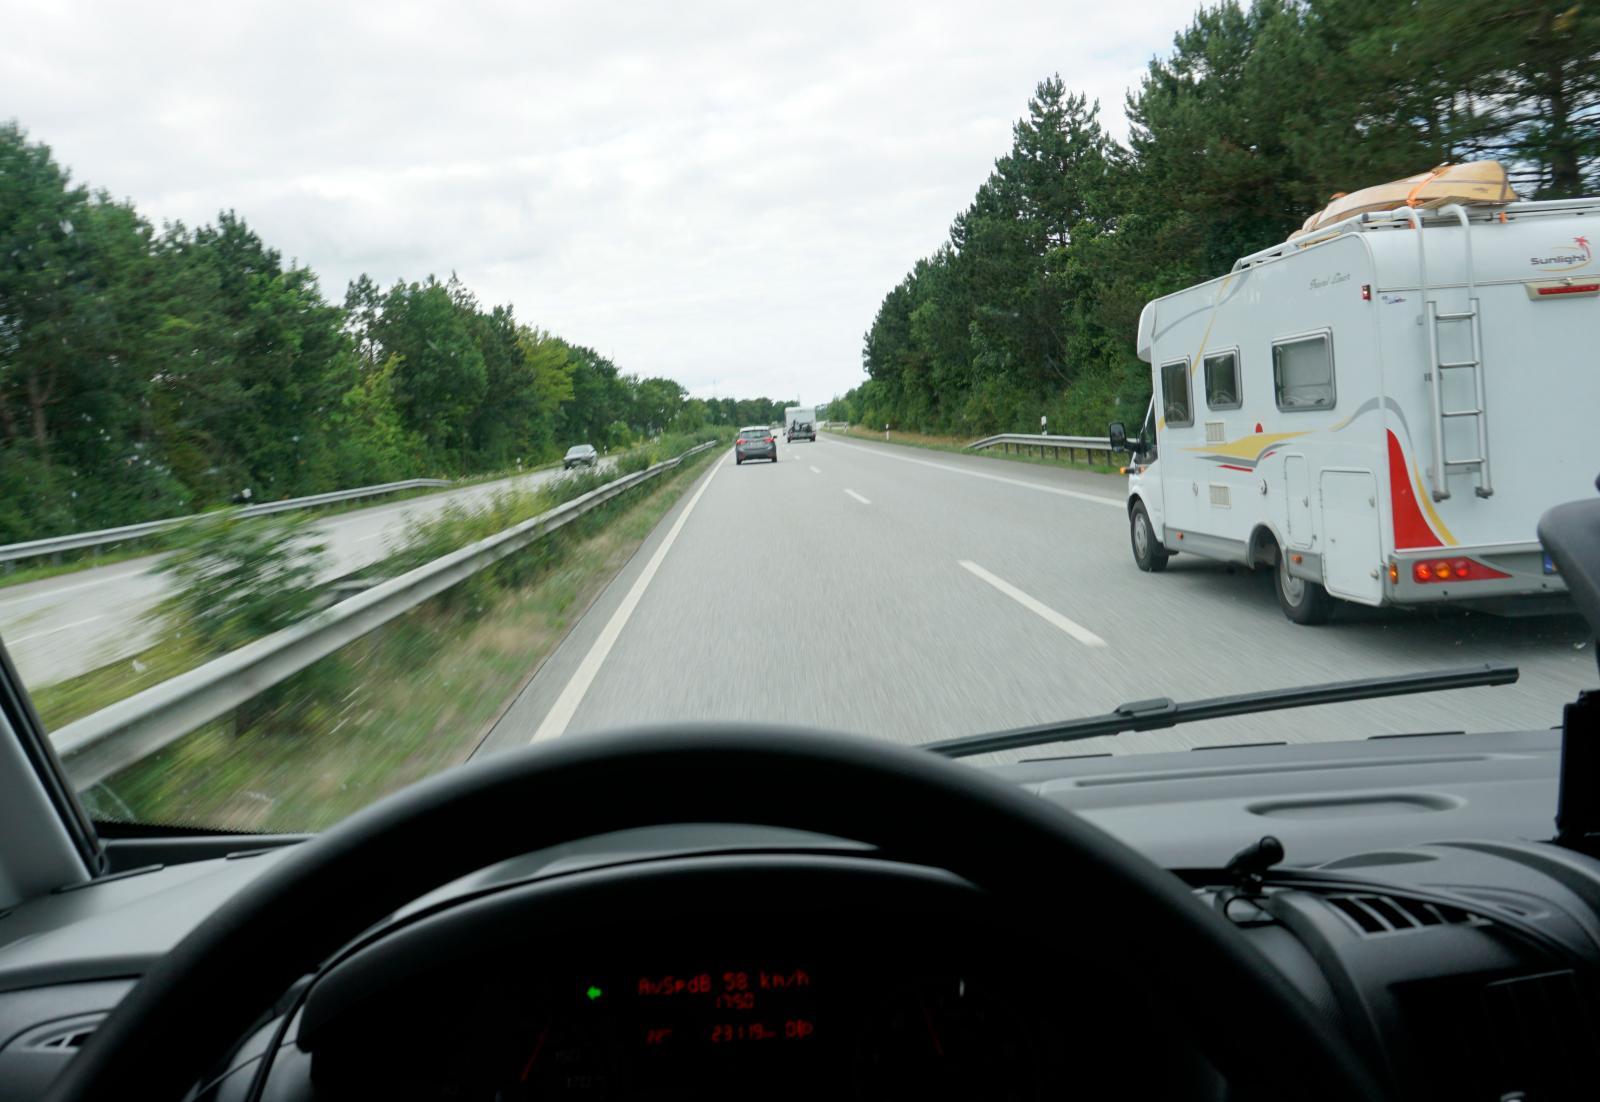 Mötesfria och större vägar är att föredra för nybörjare då de är säkrast. Däremot bör du inte ha bråttom. Vid omkörning av stora fordon märks ett tydligt vinddrag i passeringsögonblicket.